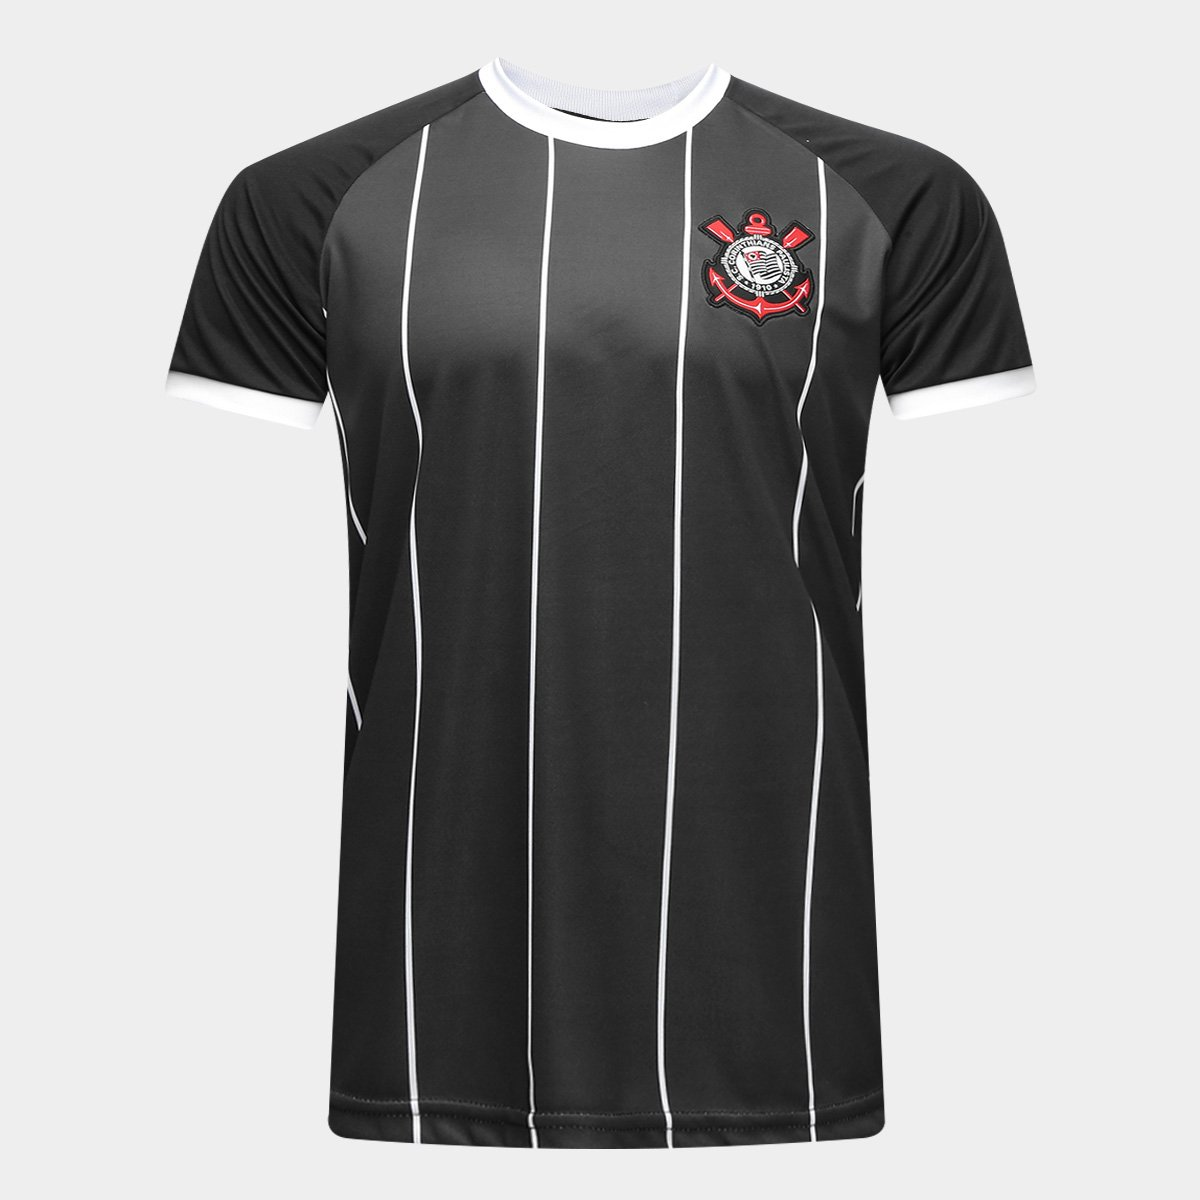 357443ef68 Camisa Corinthians Fenomenal Edição Limitada Torcedor Masculina ...